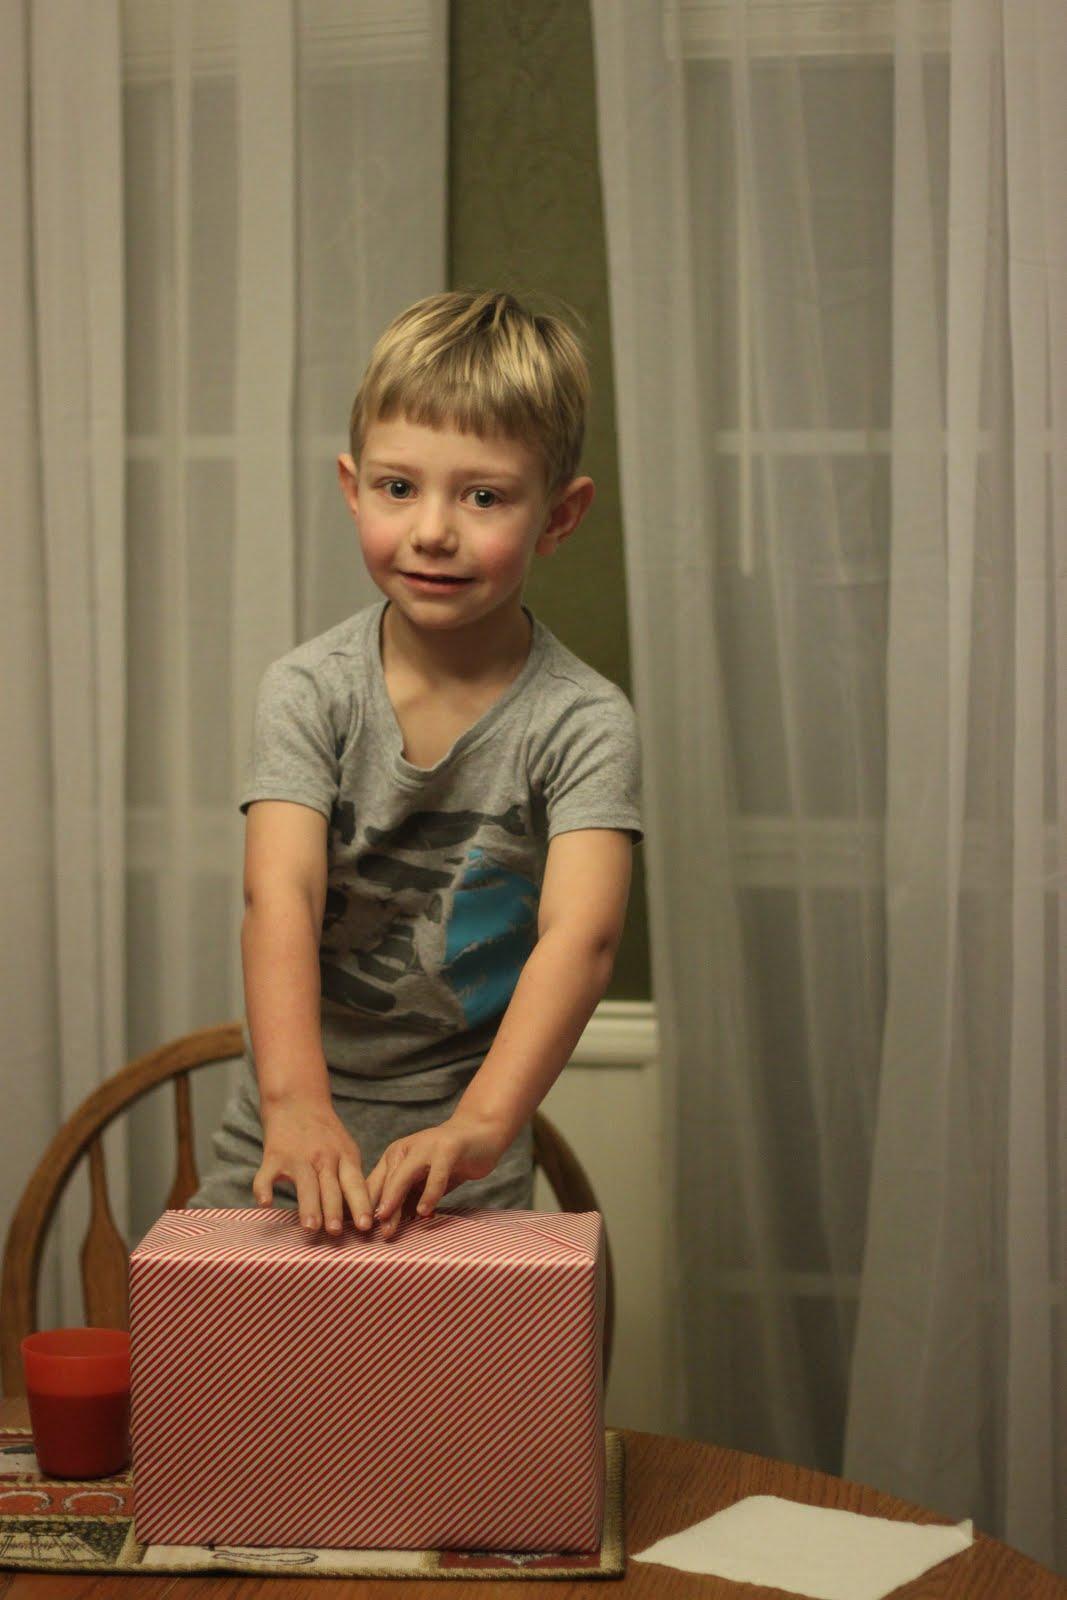 Jason at 6